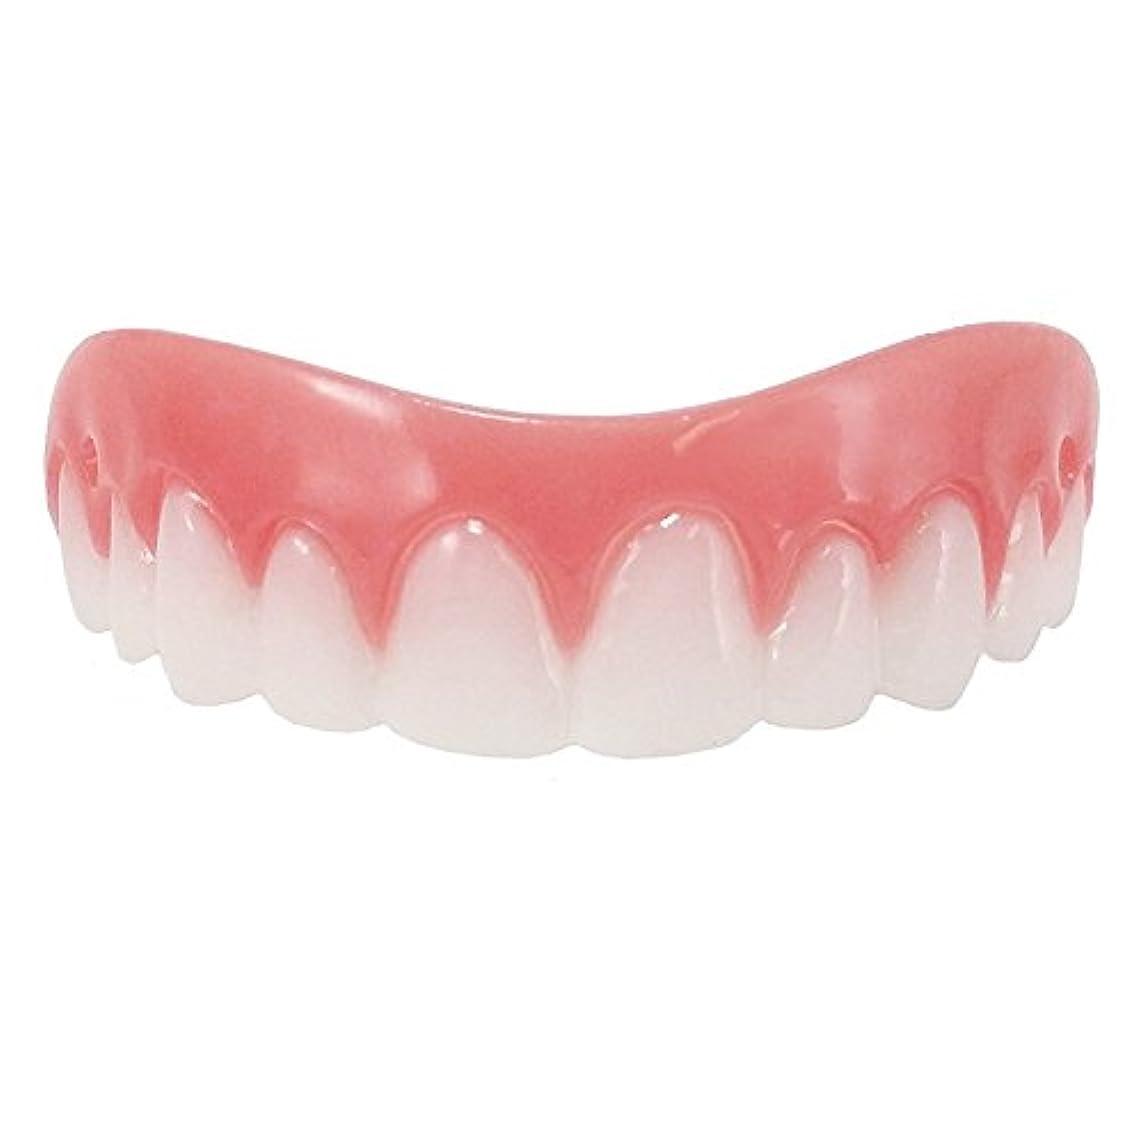 監査パドル船尾シリコン義歯ペースト 美容用 入れ歯 上歯 下歯2個セット (free size)